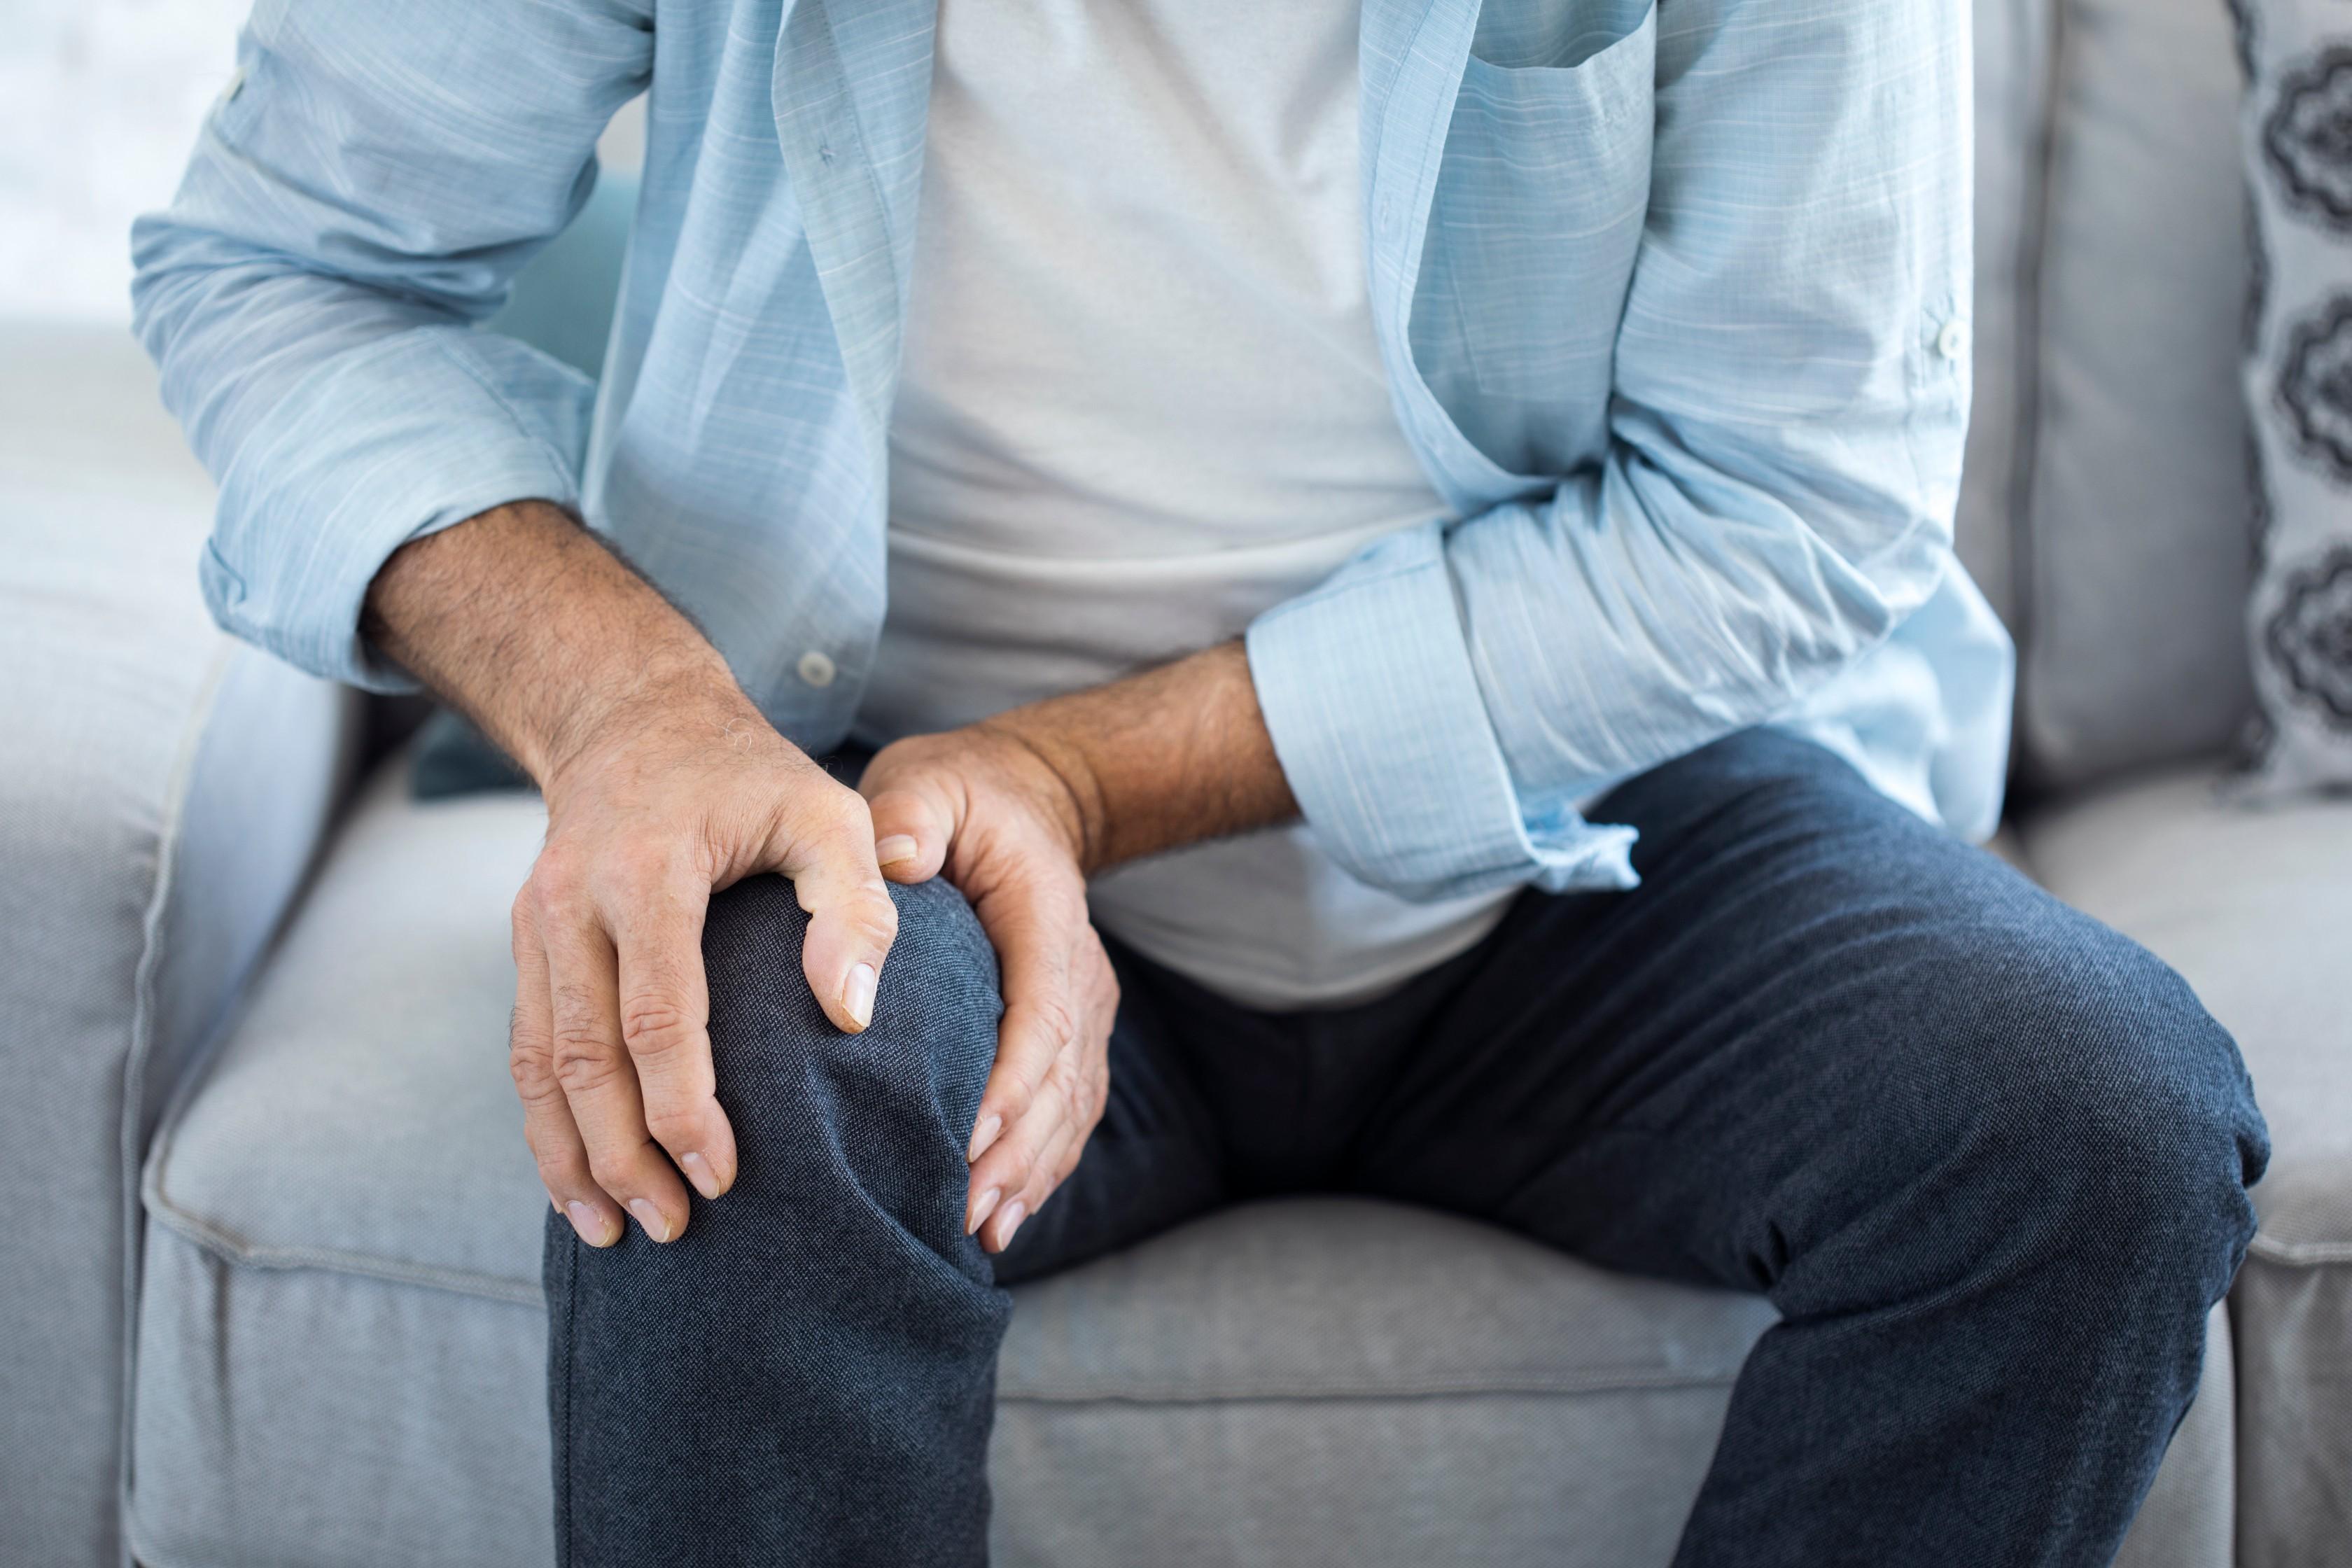 ízületi és fájdalomváltozások okai gyógyszerek a csípőízület artrózisának kezelésére